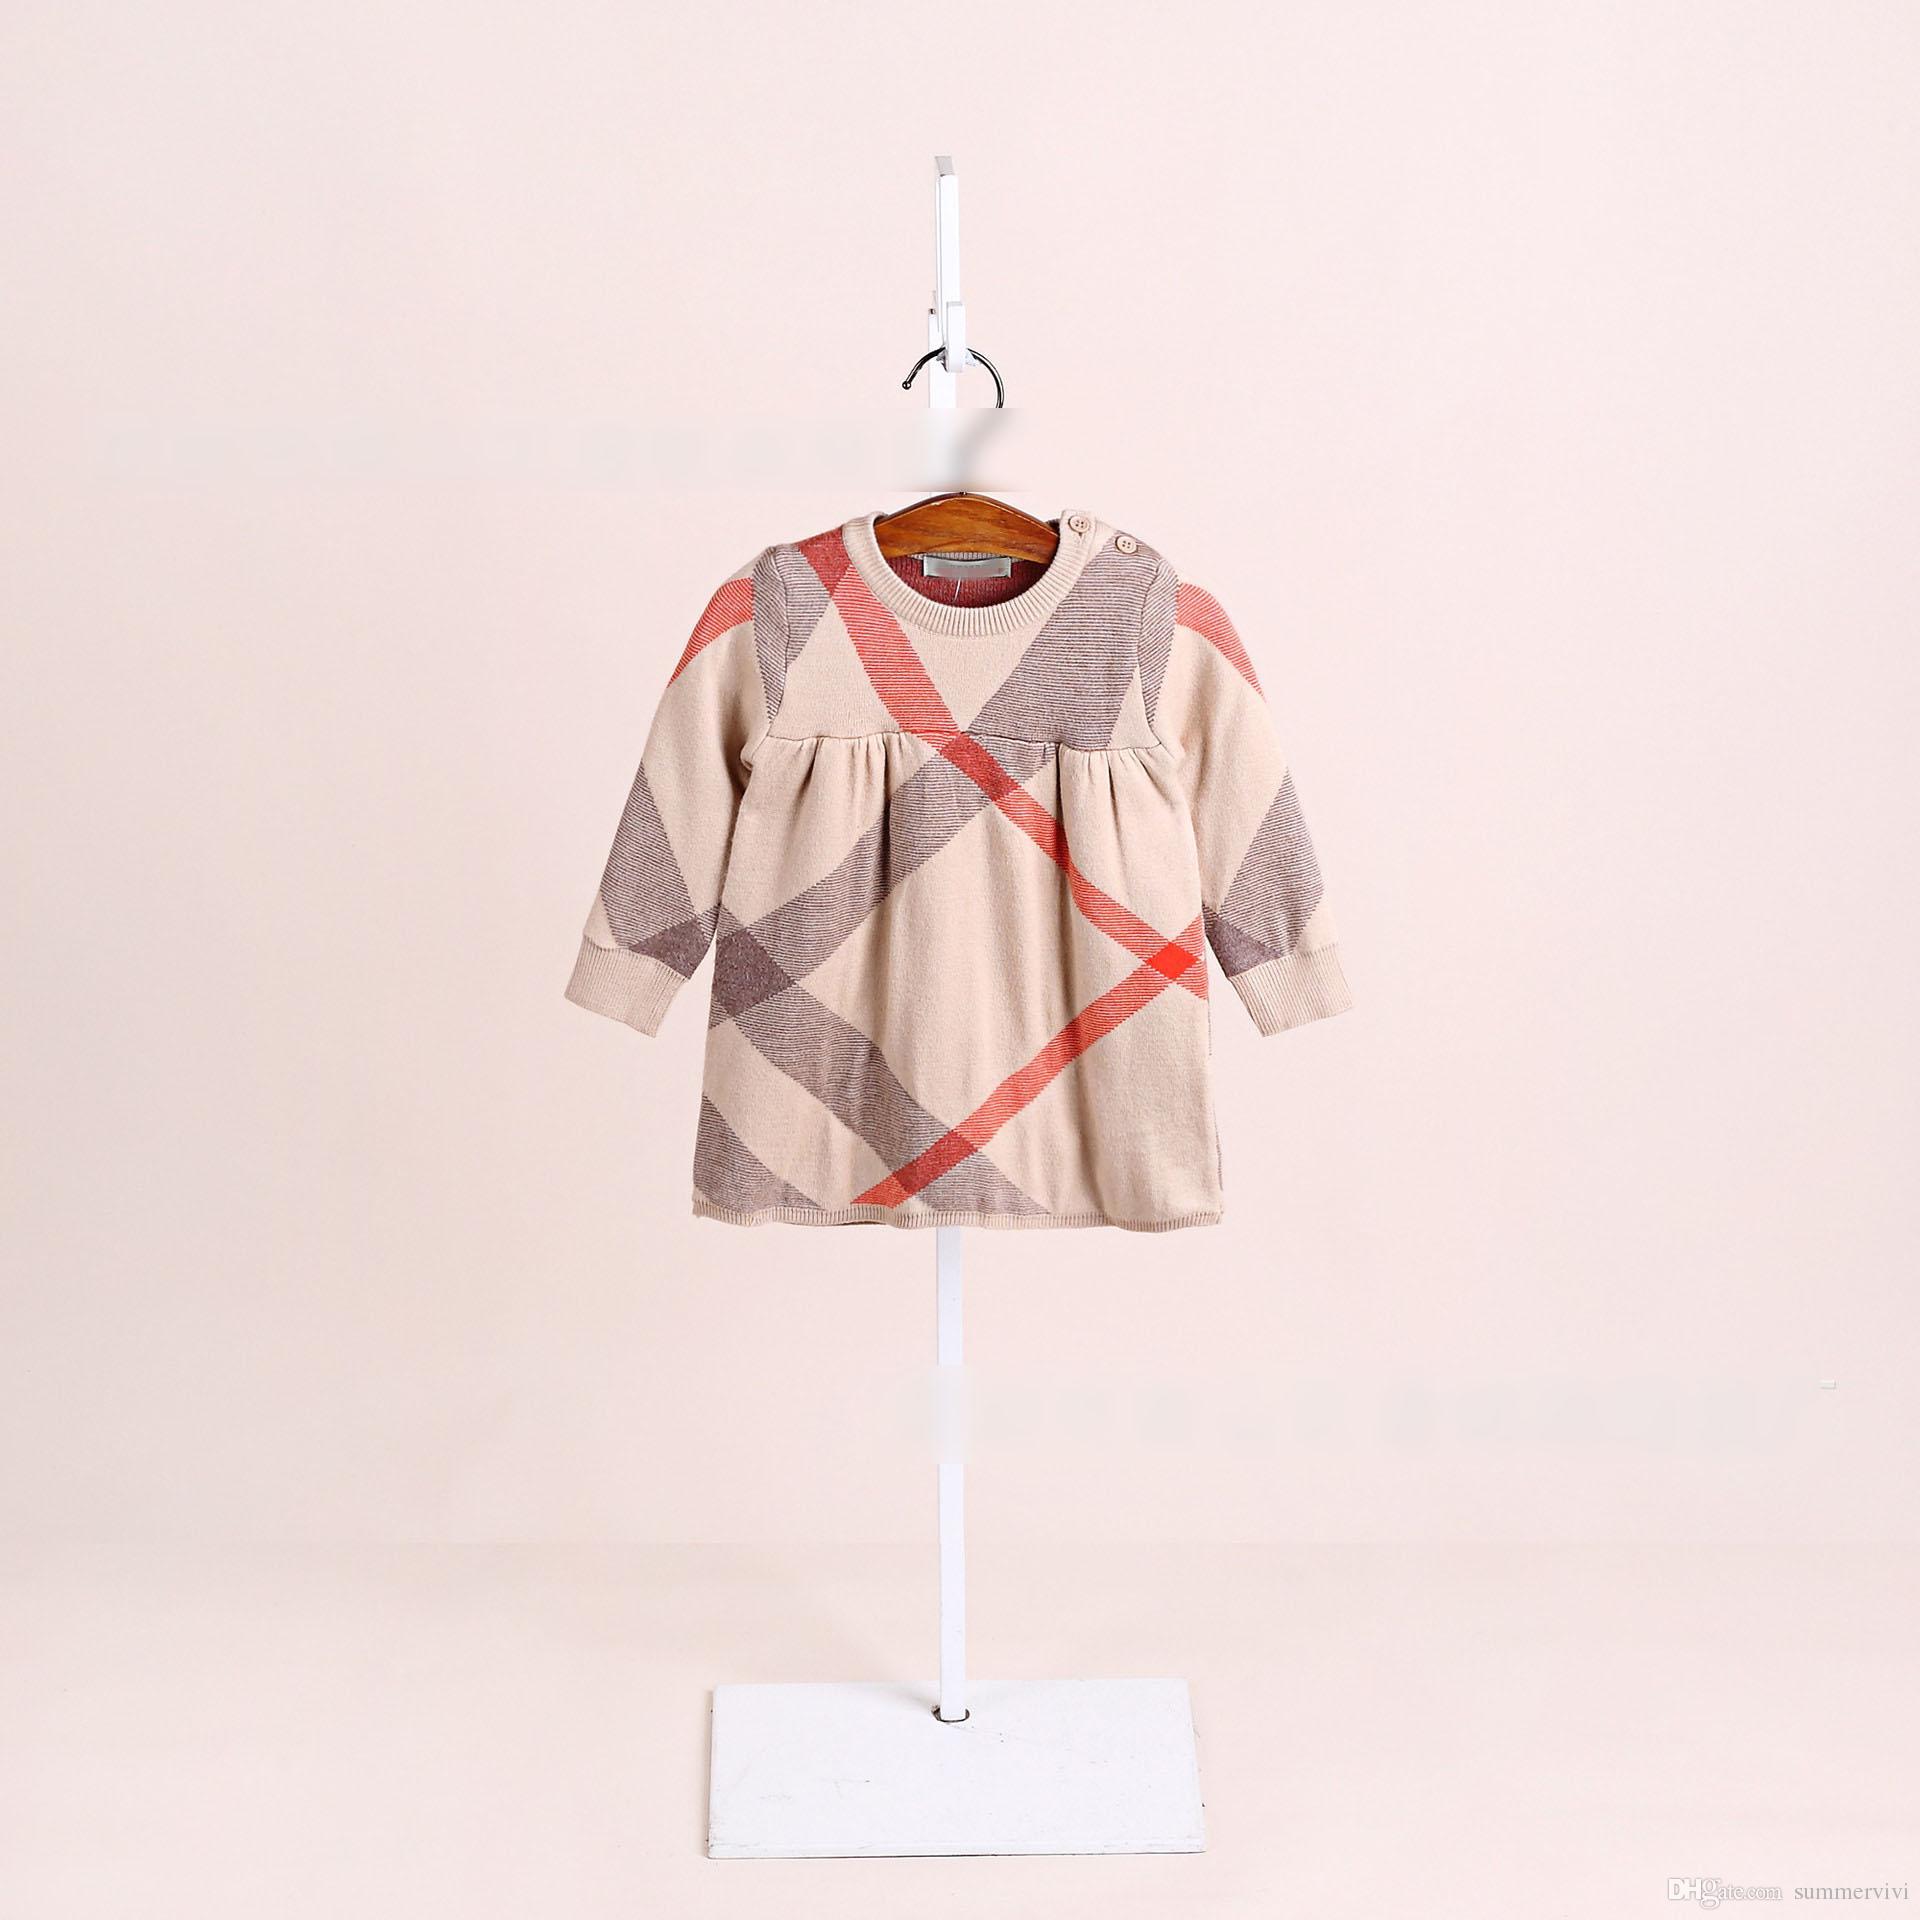 cf9899fb3 Toddler Kids Plaid Sweater Dress Fashion Baby Girls Round Collar ...